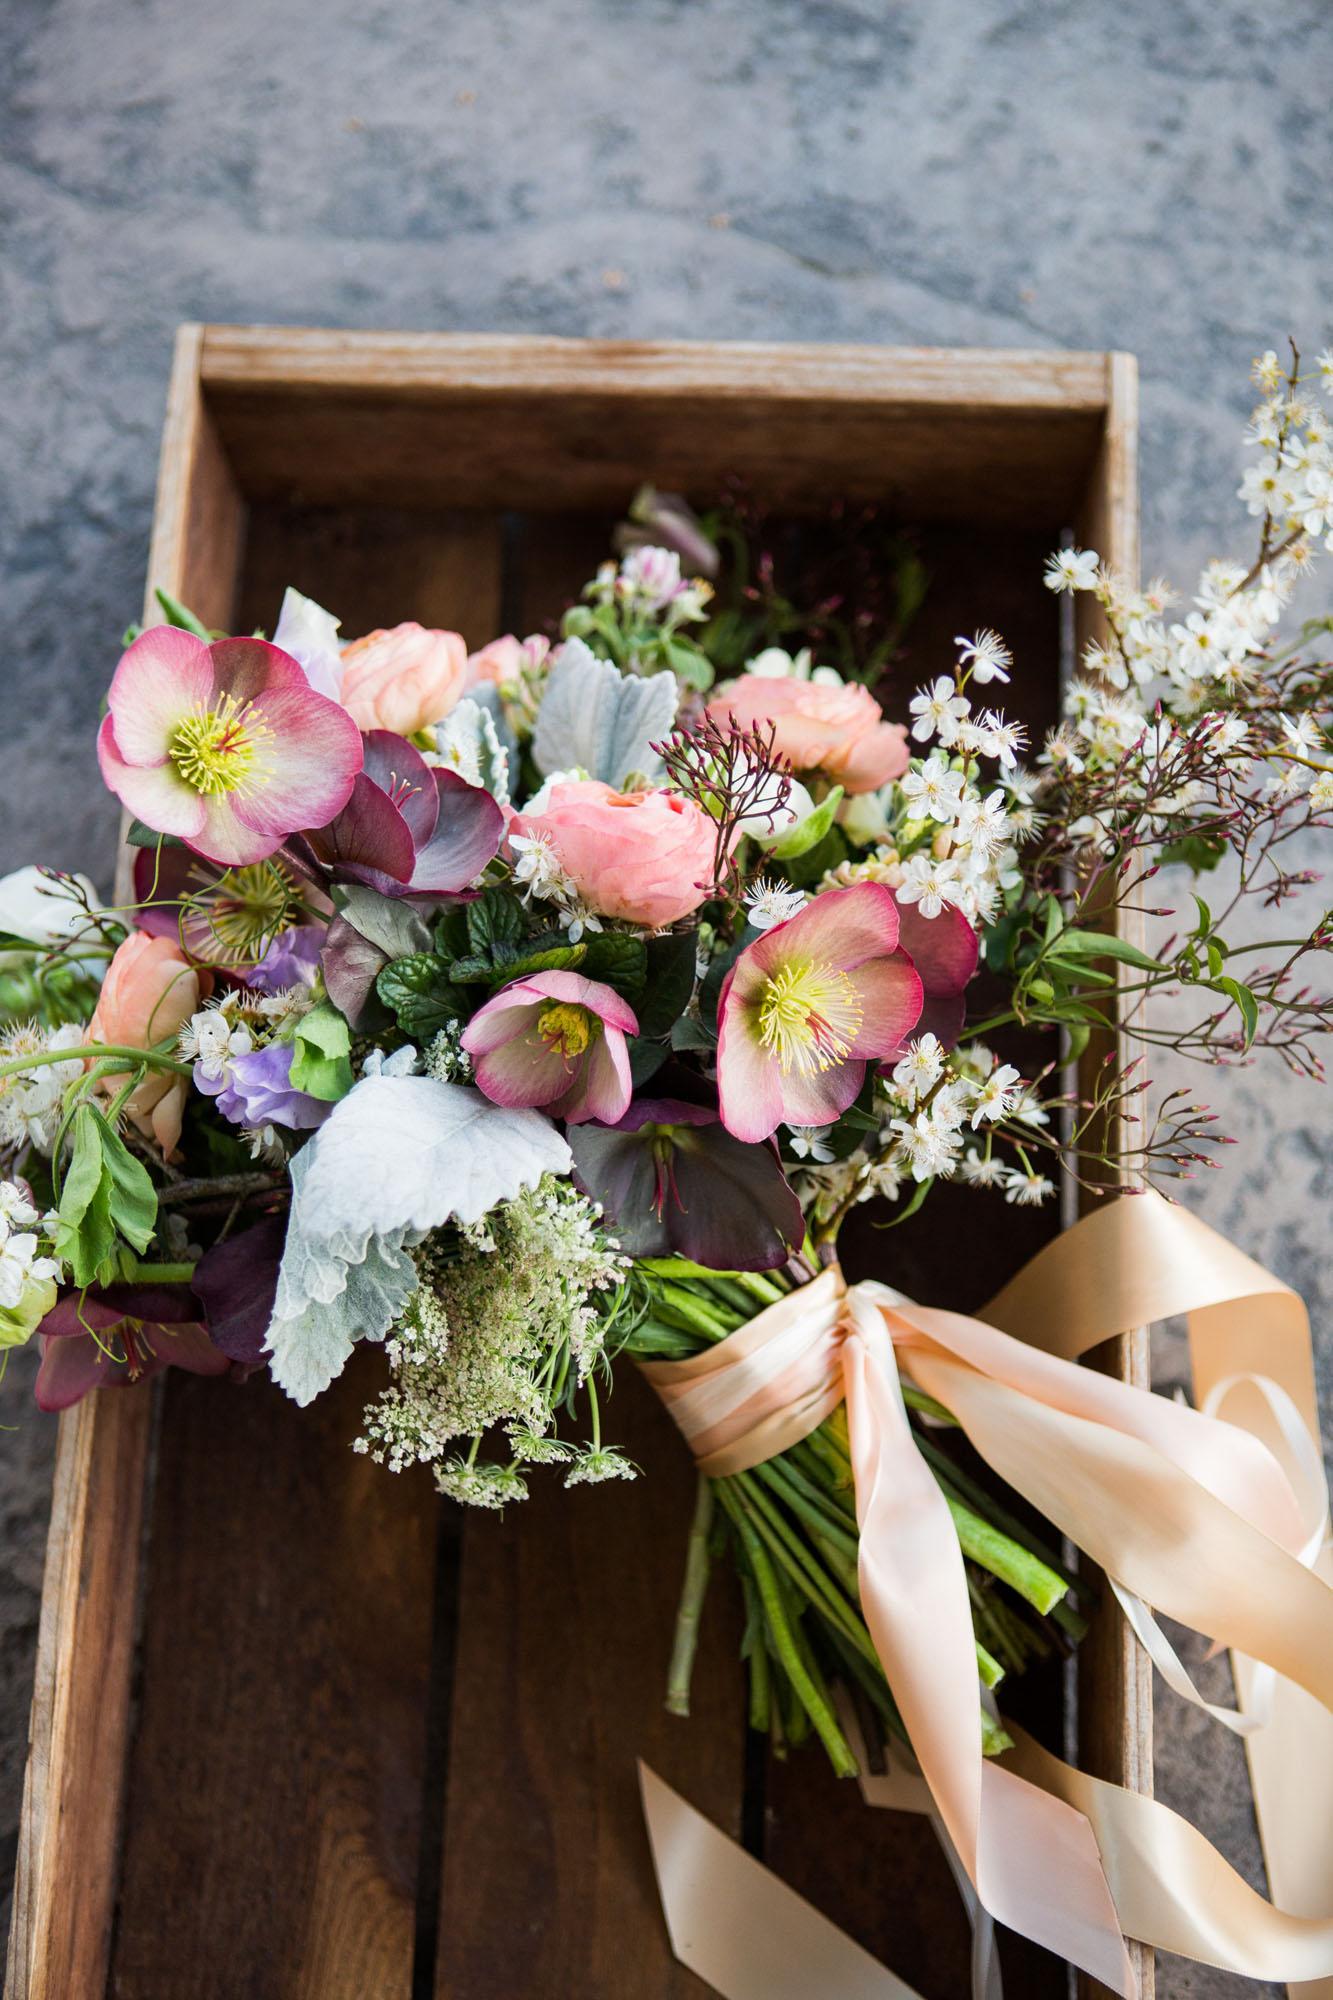 FlowersbyCarra-bouquet-florist-branding.jpg